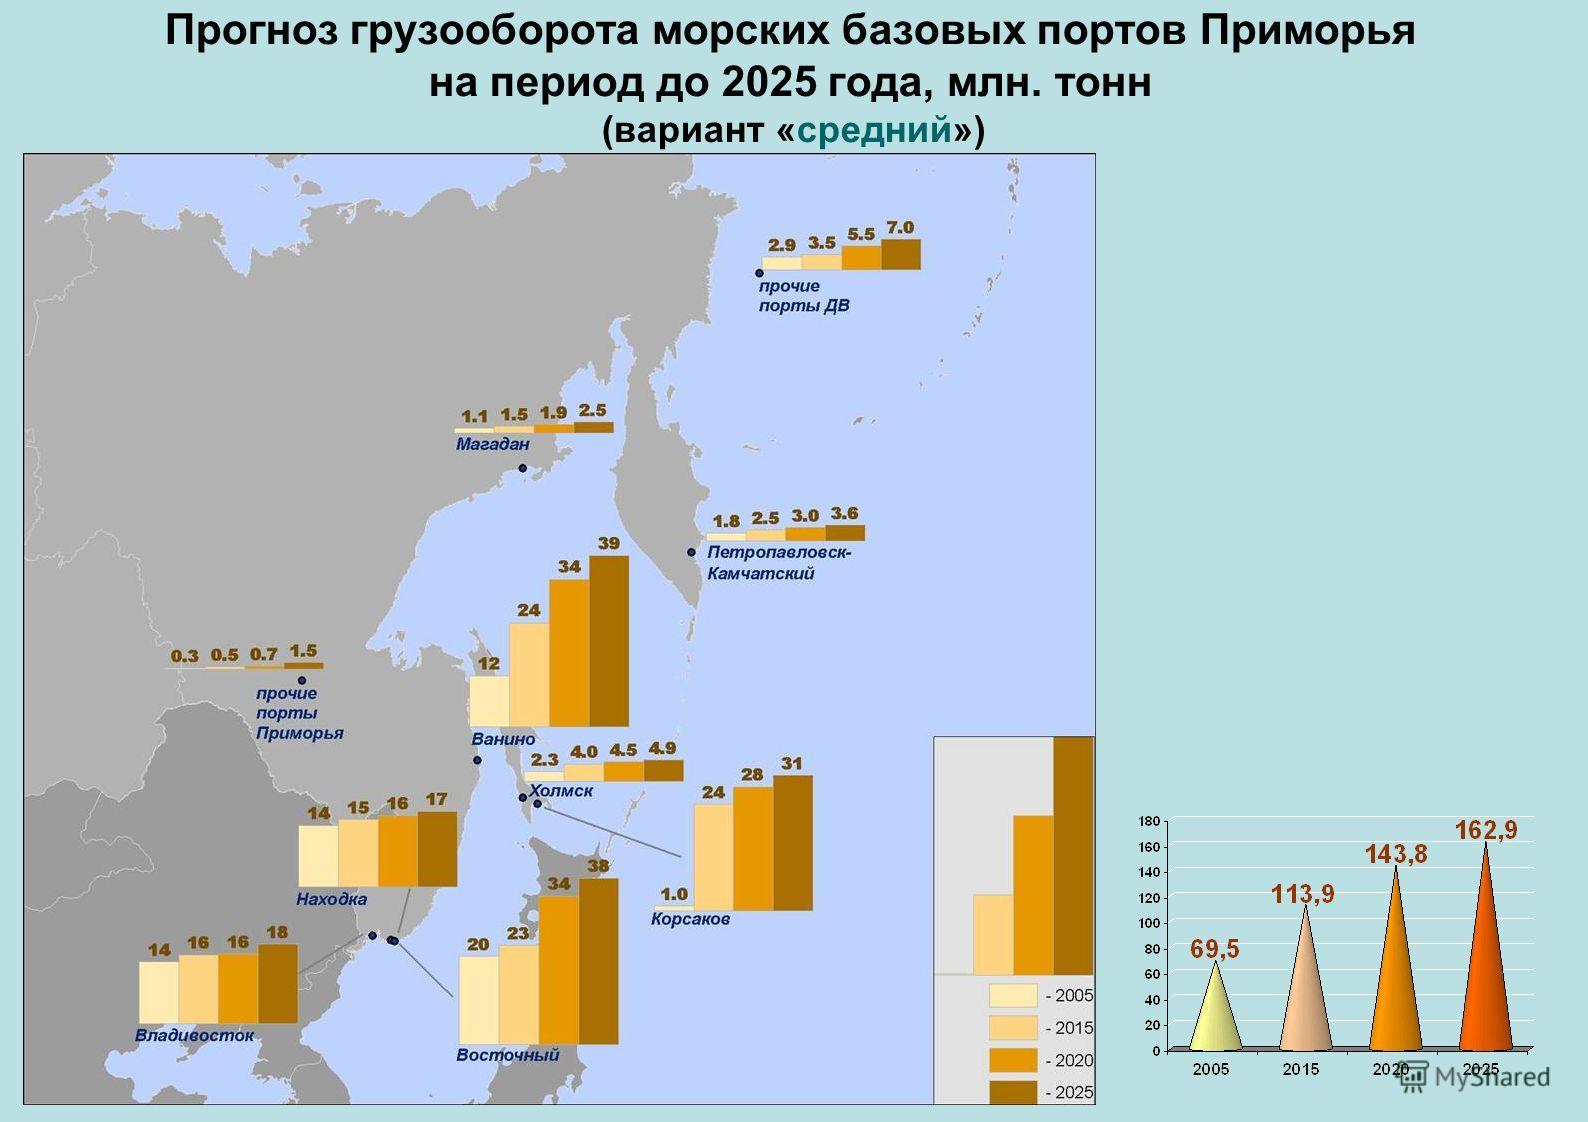 Прогноз грузооборота морских базовых портов Приморья на период до 2025 года, млн. тонн (вариант «средний»)